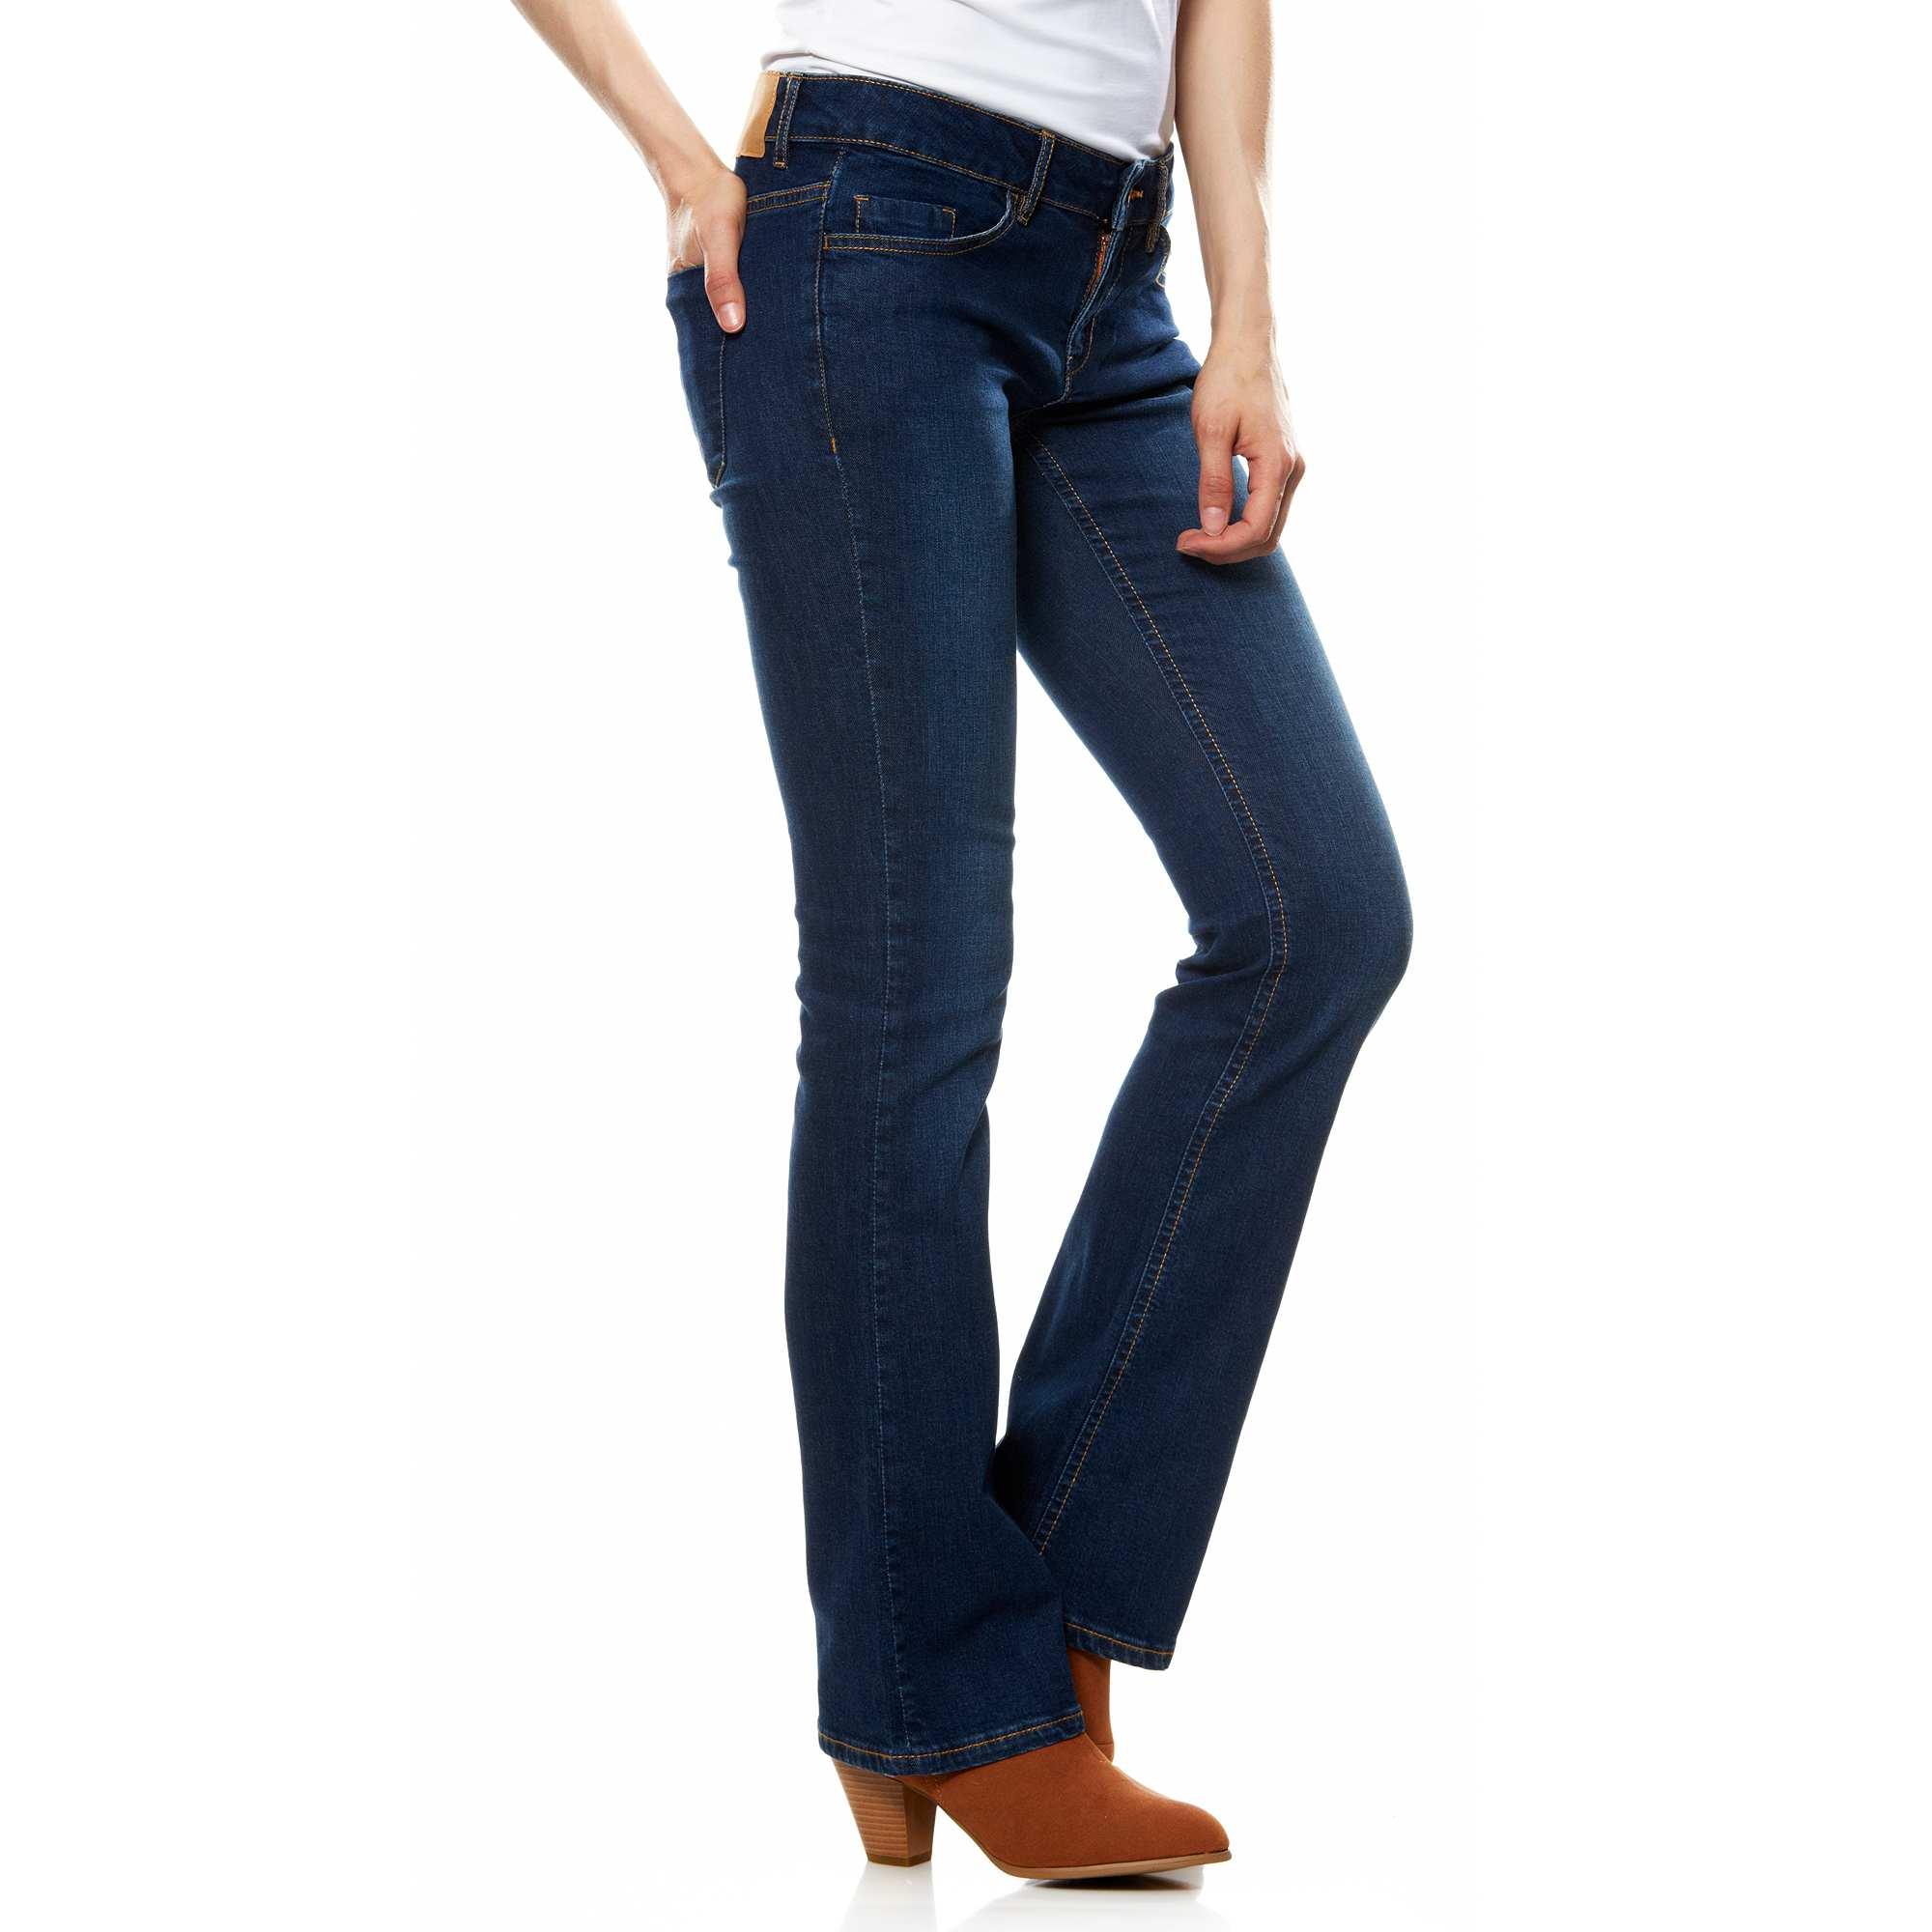 J'ai testé le jeans taille haute